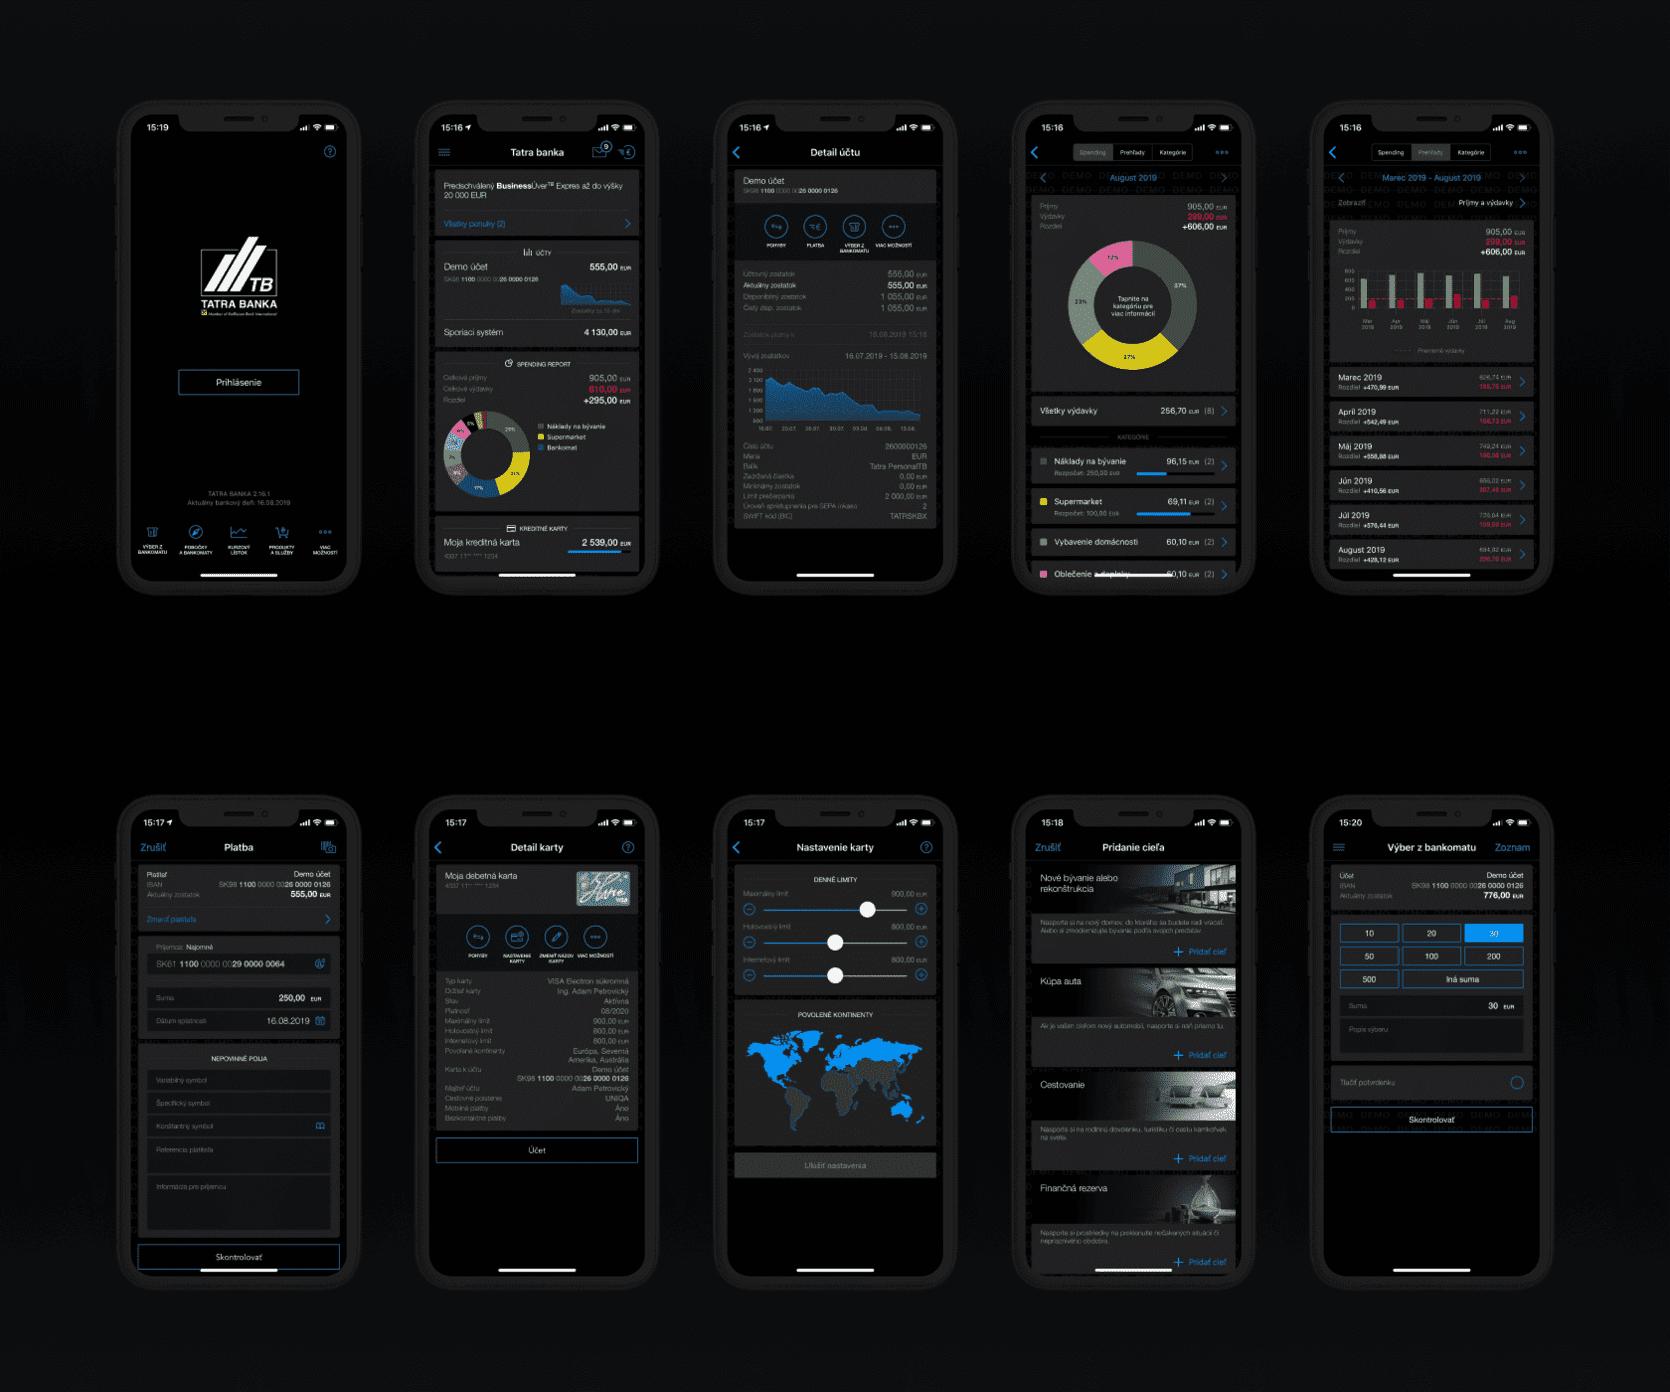 vyvoj mobilneho bankovnictva pre ios a android